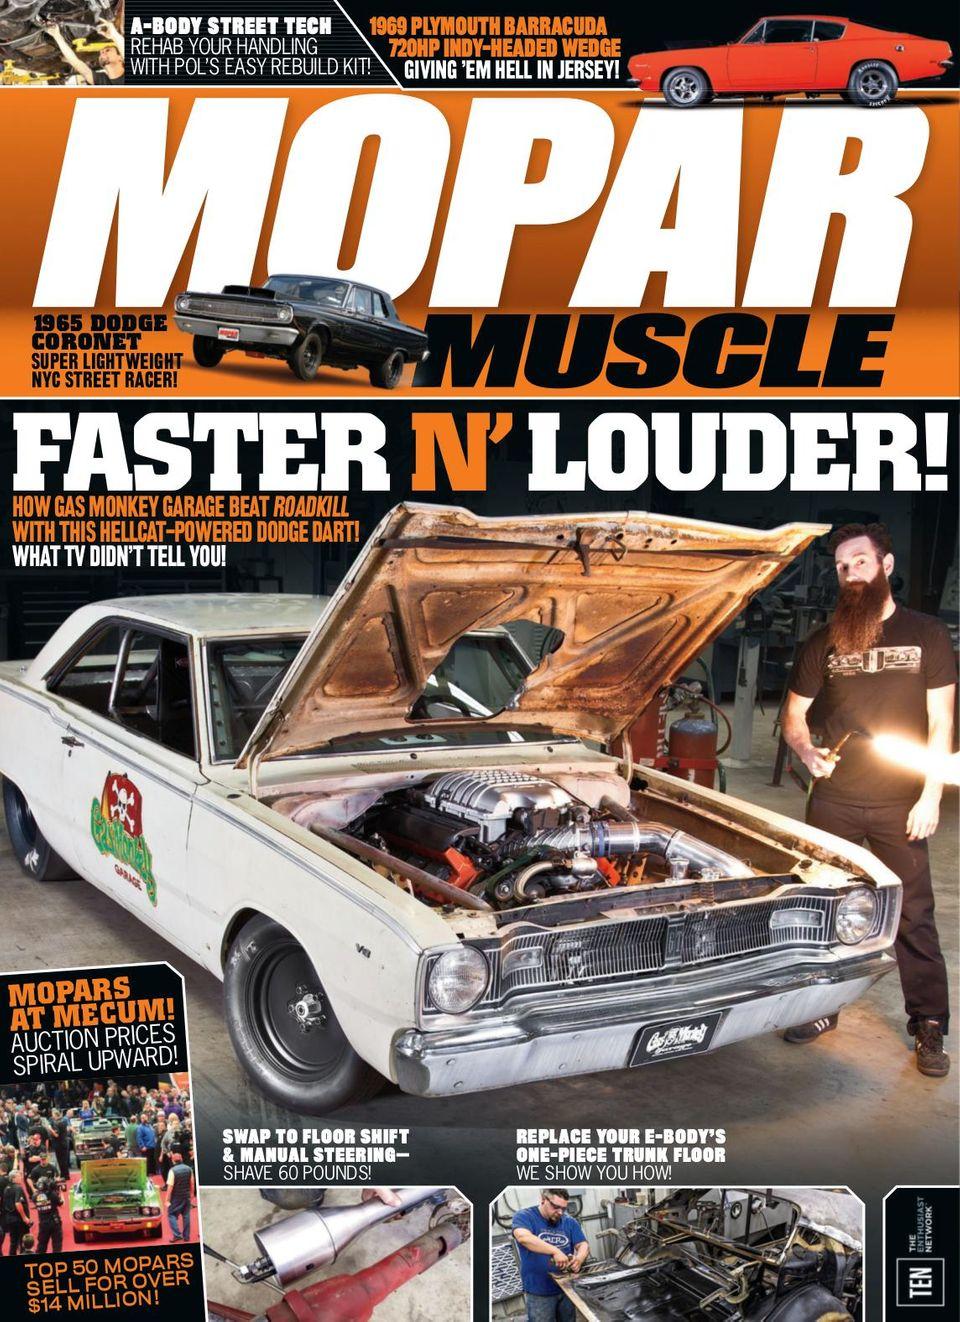 Dodge Dart Hellcat Body Kit : dodge, hellcat, Digital, Mopar, Muscle-July, Issue